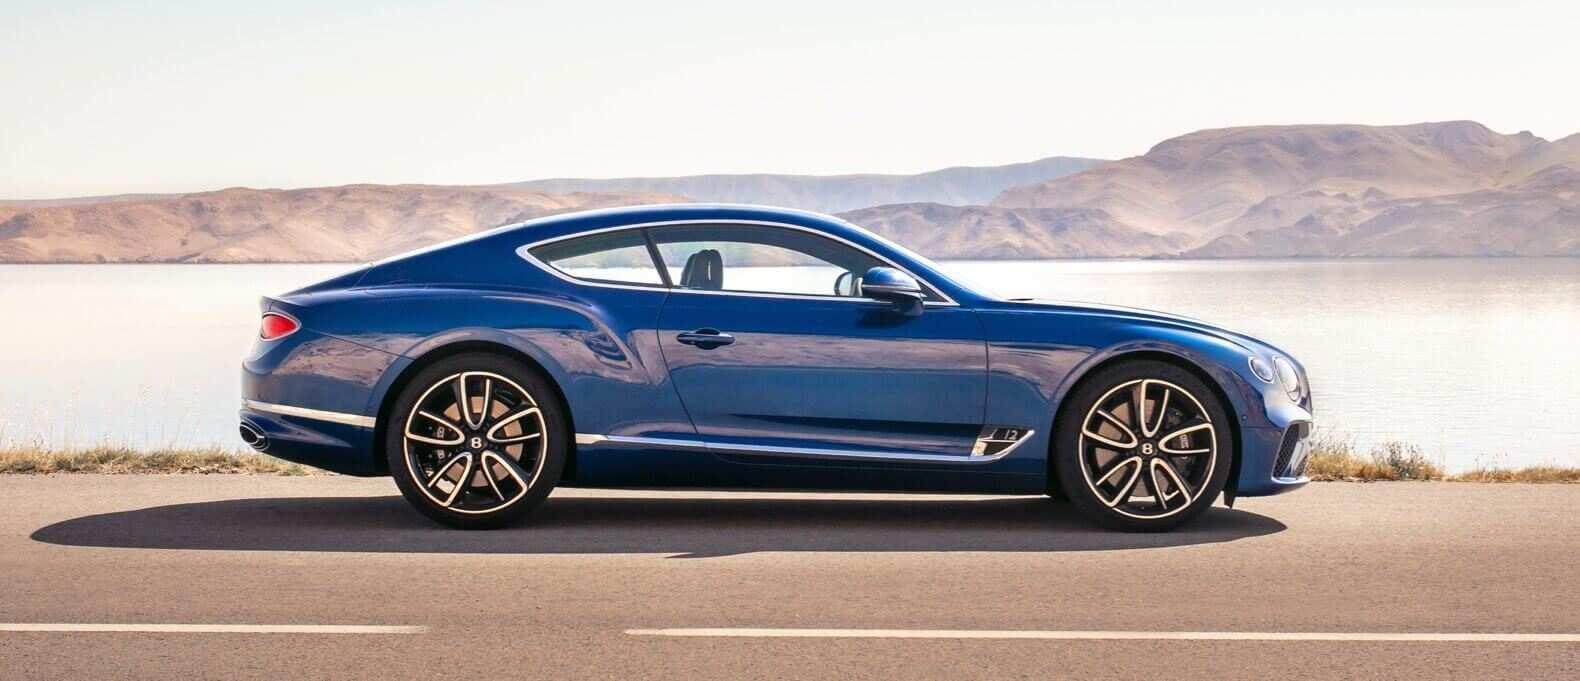 29 New 2020 Bentley Gt Release Date for 2020 Bentley Gt